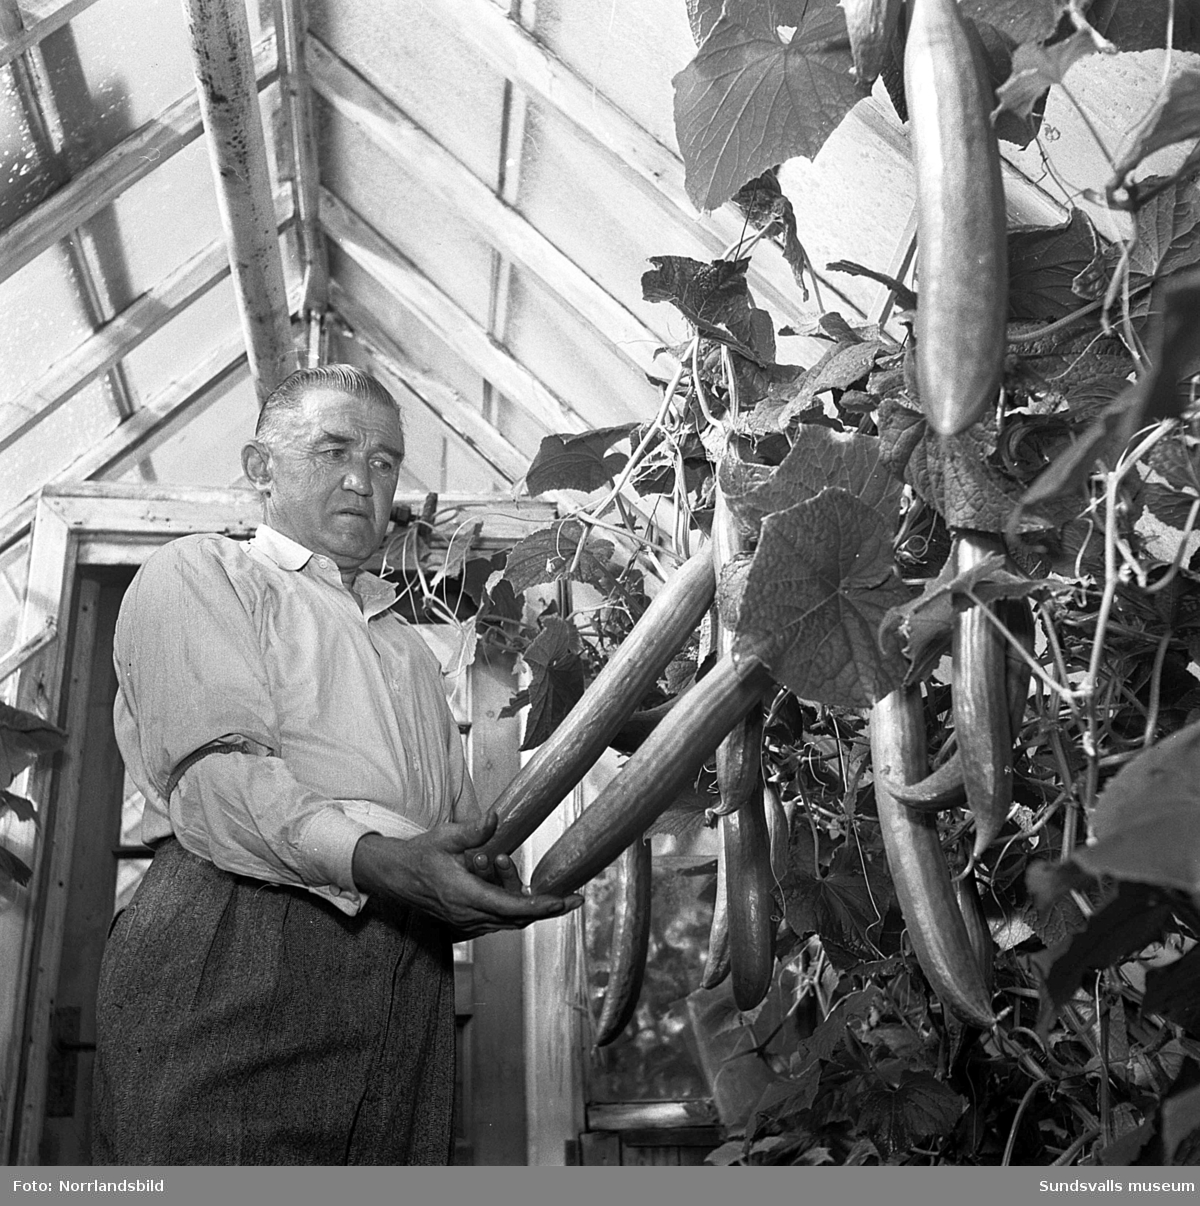 Herr C. Tidén, posten, födelsedagsfoto. Herr Tidén i trädgården och i växthuset.